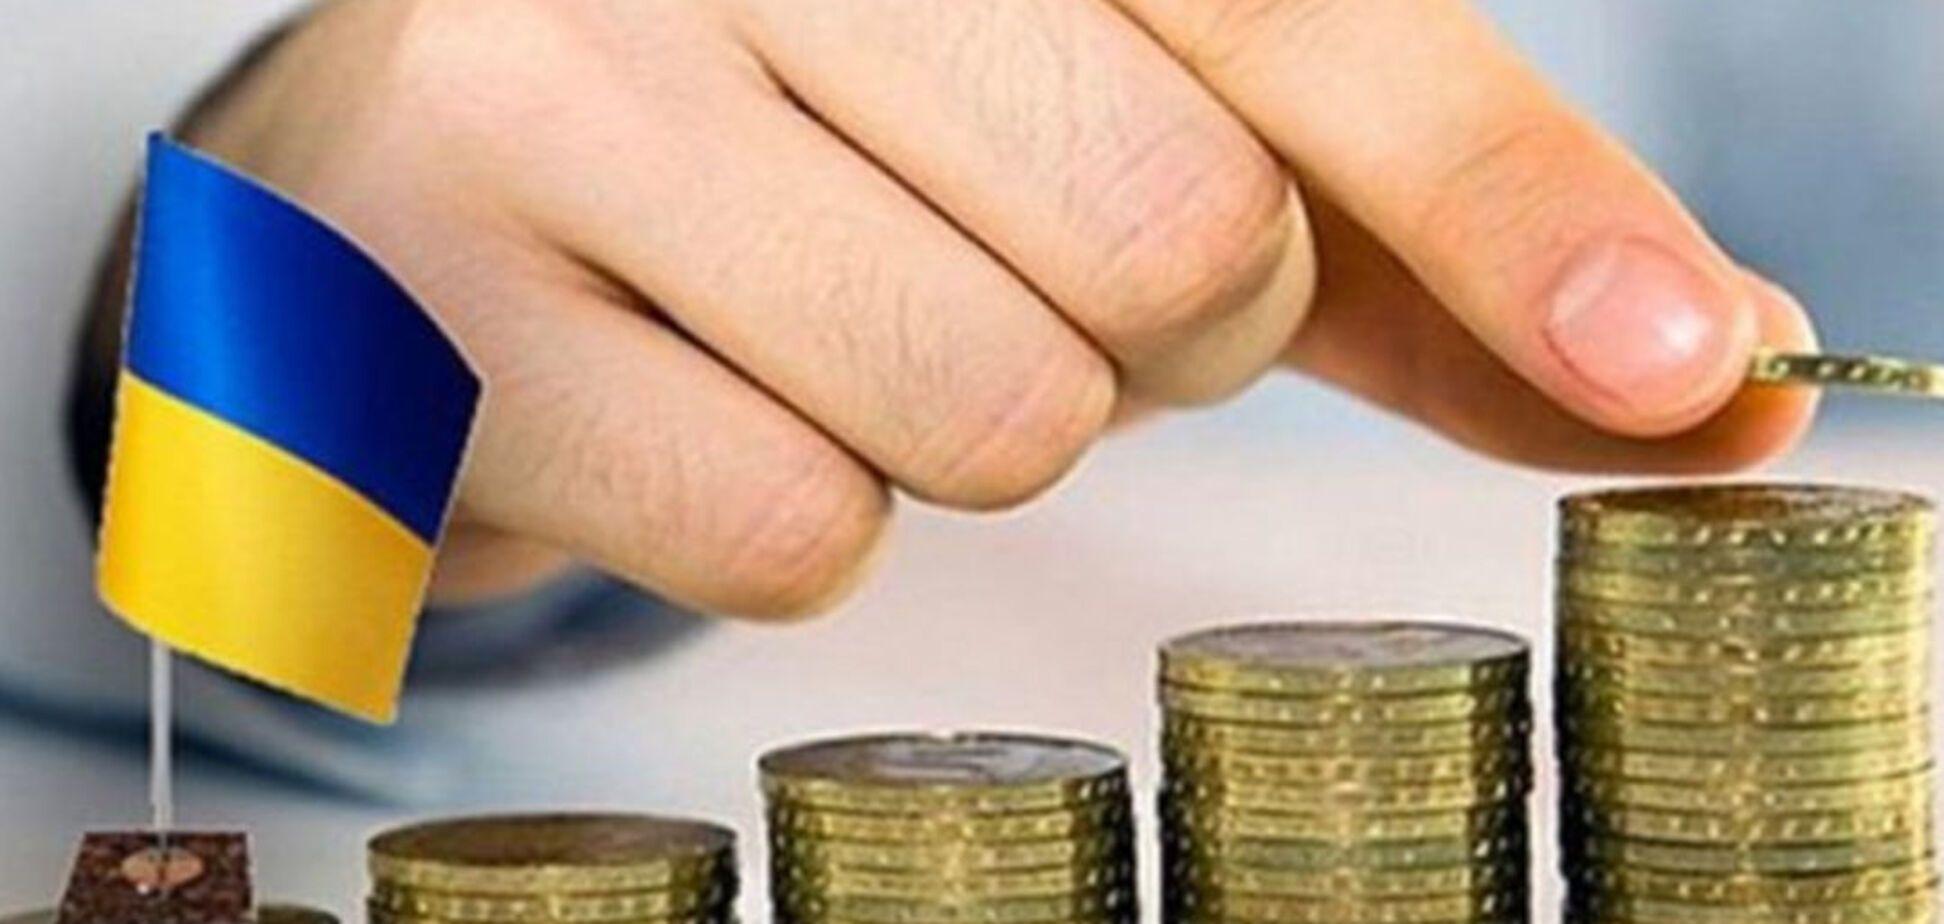 Економіка України побила зарплатний рекорд: з'явилися свіжі дані